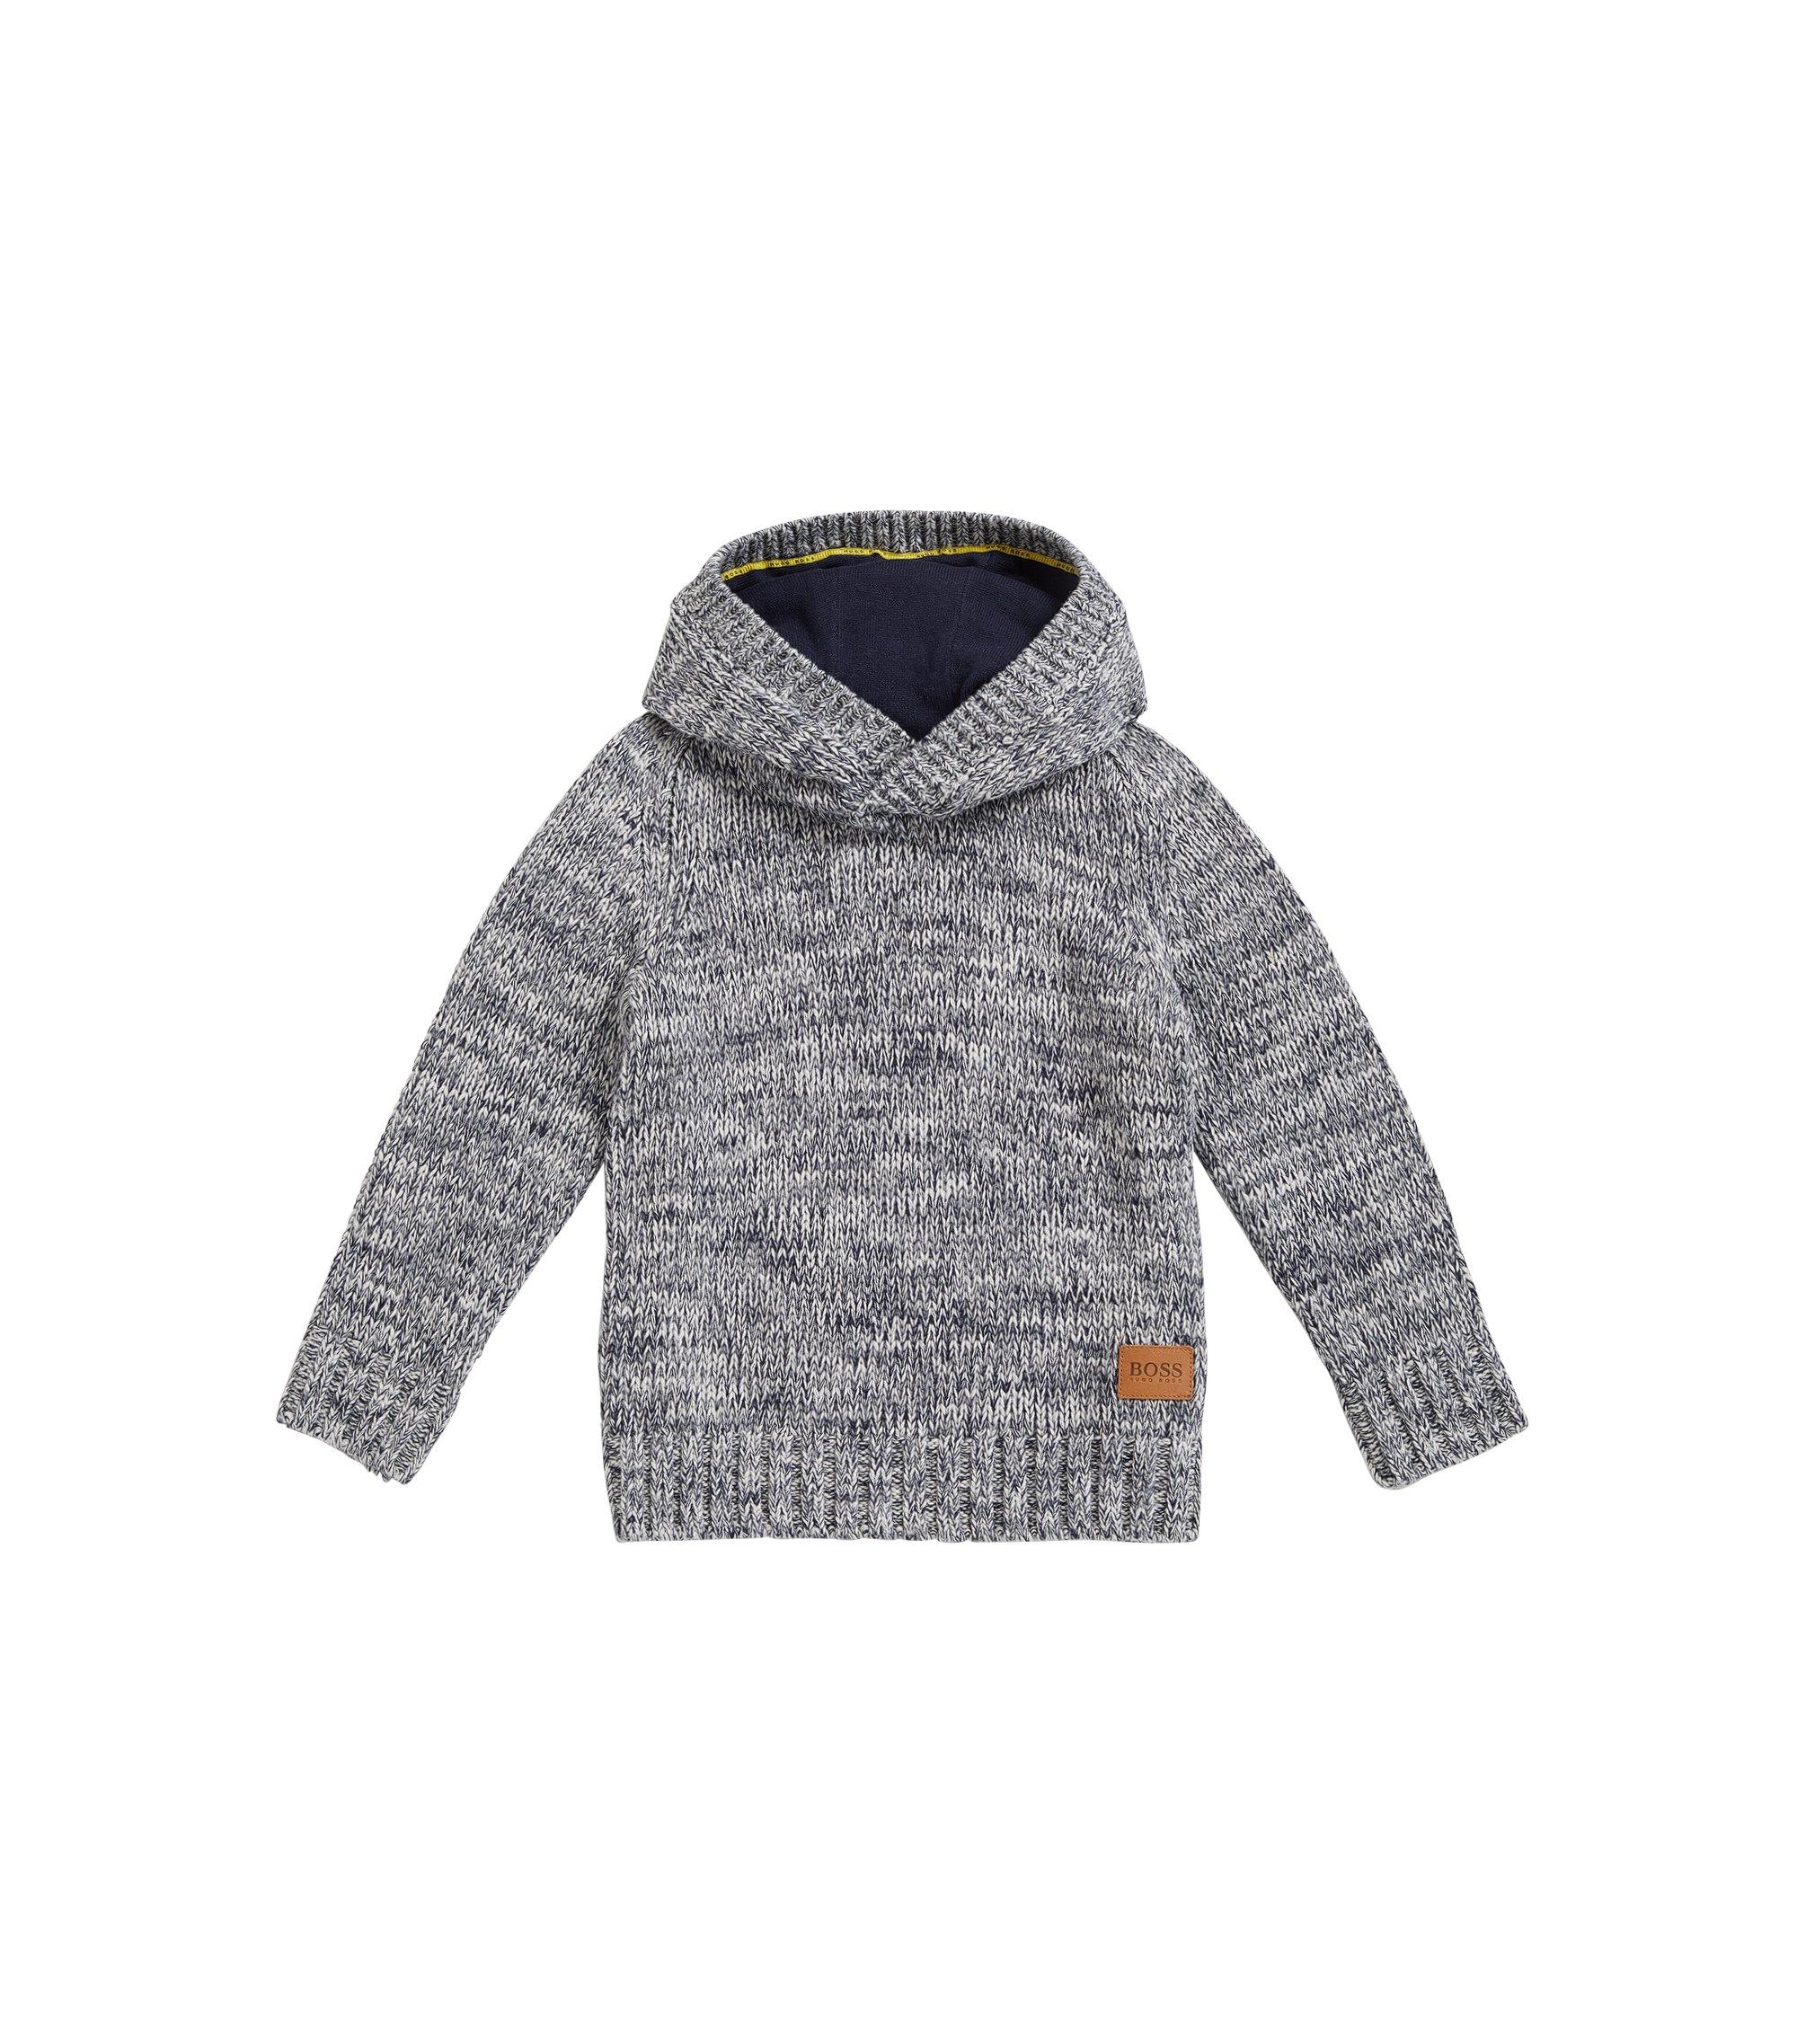 Jersey para niños con capucha en algodón peinado, Fantasía